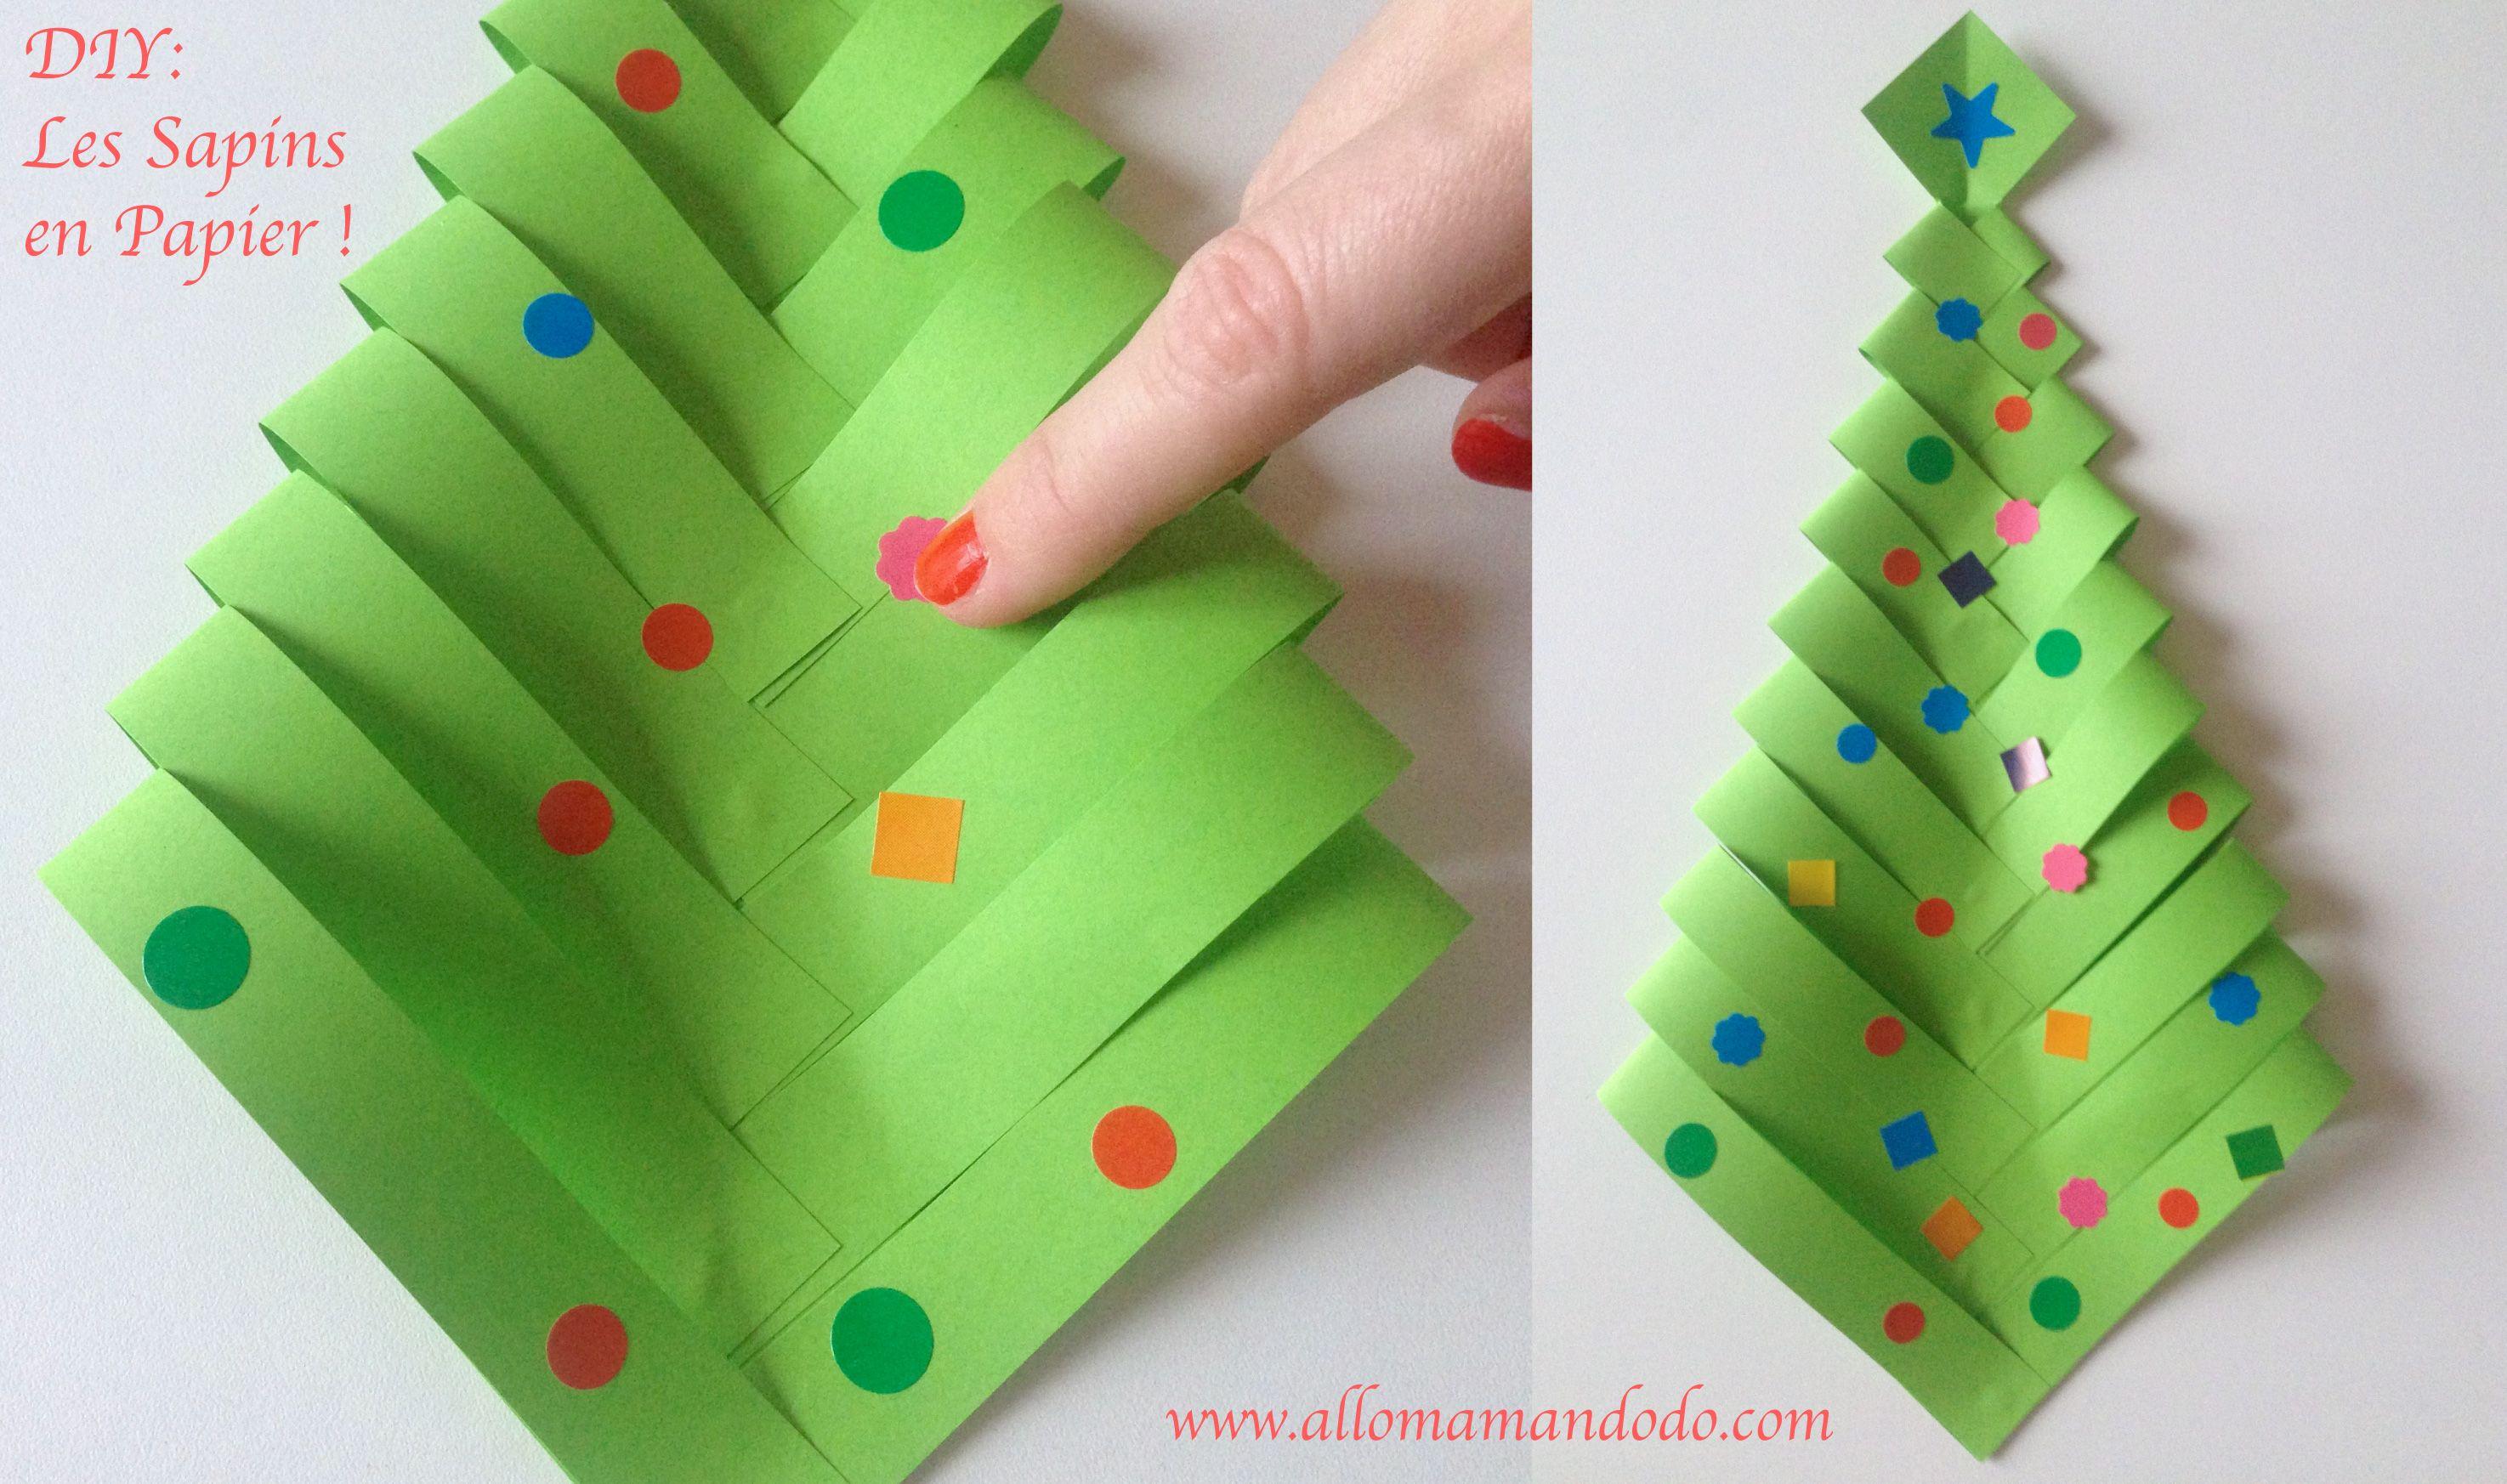 Fabrique des Sapins de Noël en papier (DIY facile et